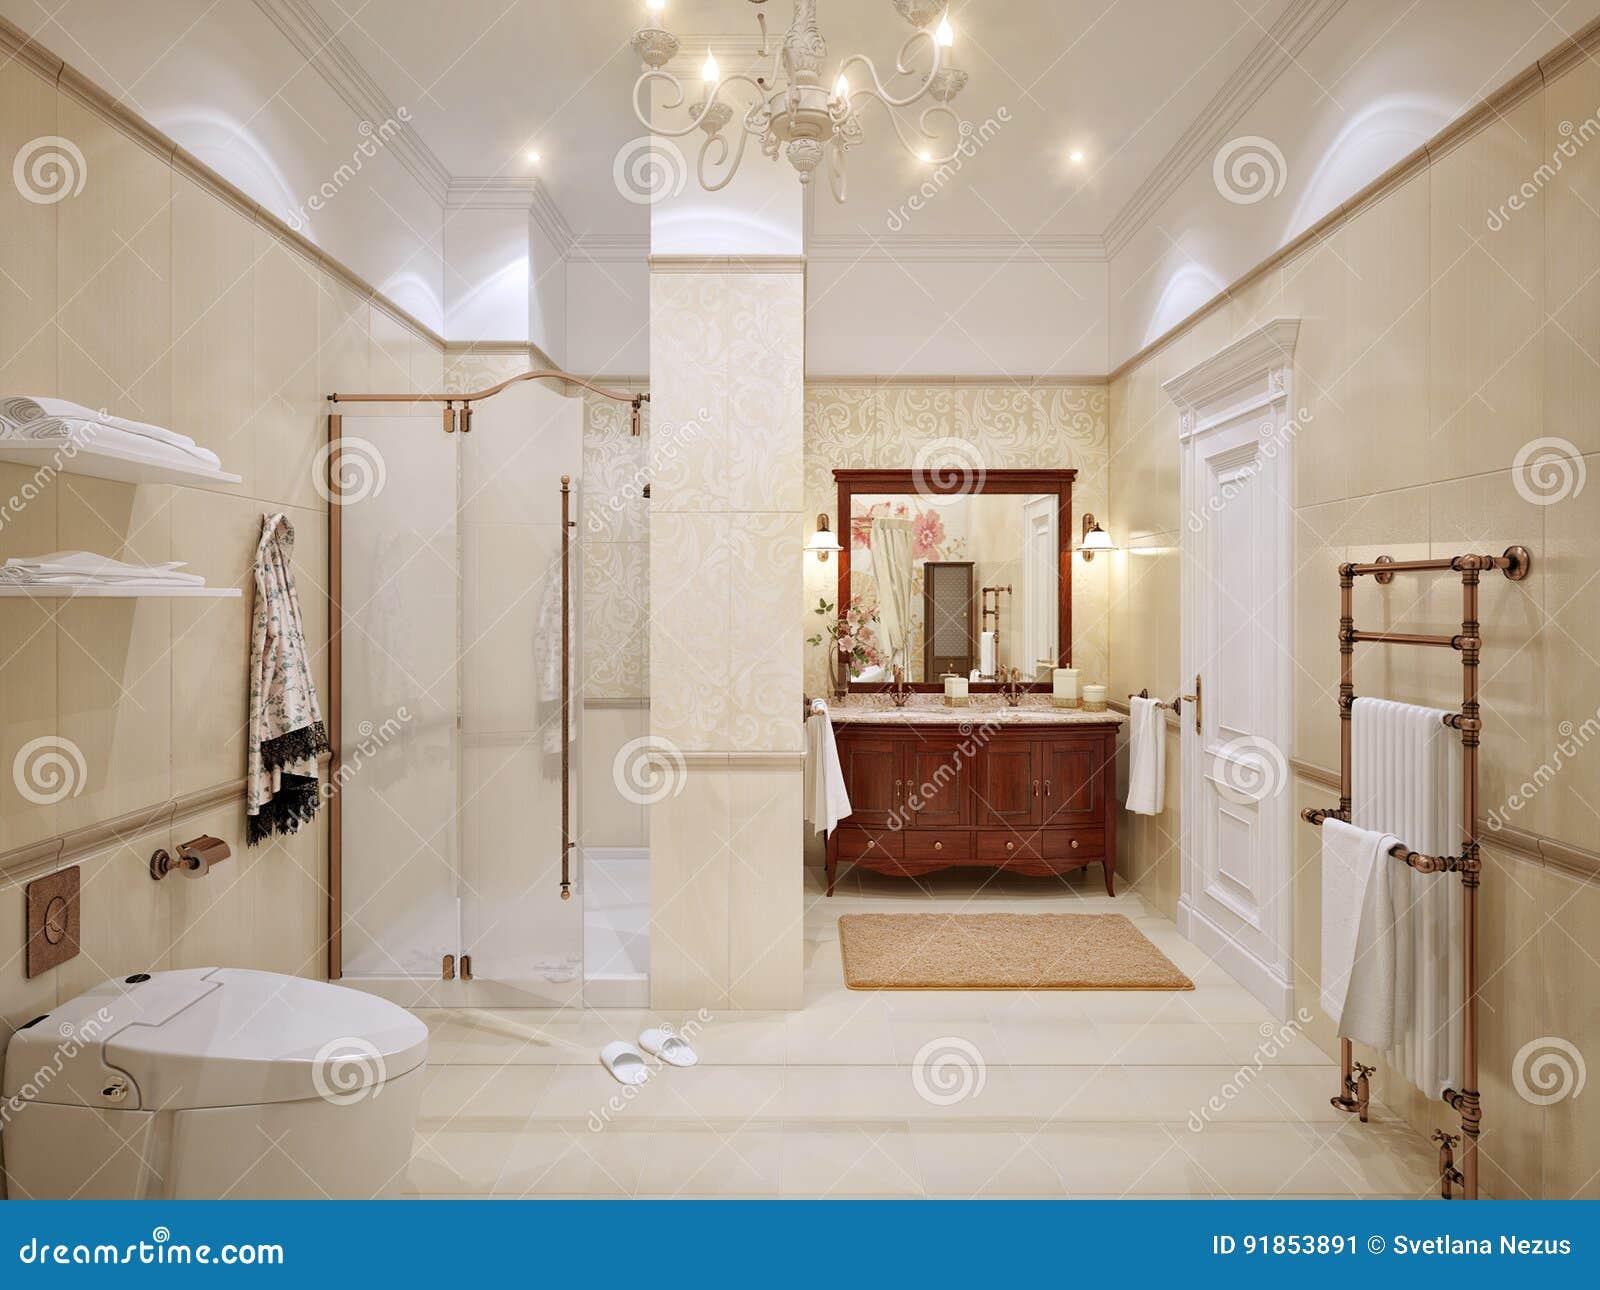 Innenarchitektur Des Klassischen Badezimmers Mit Gold Und ...